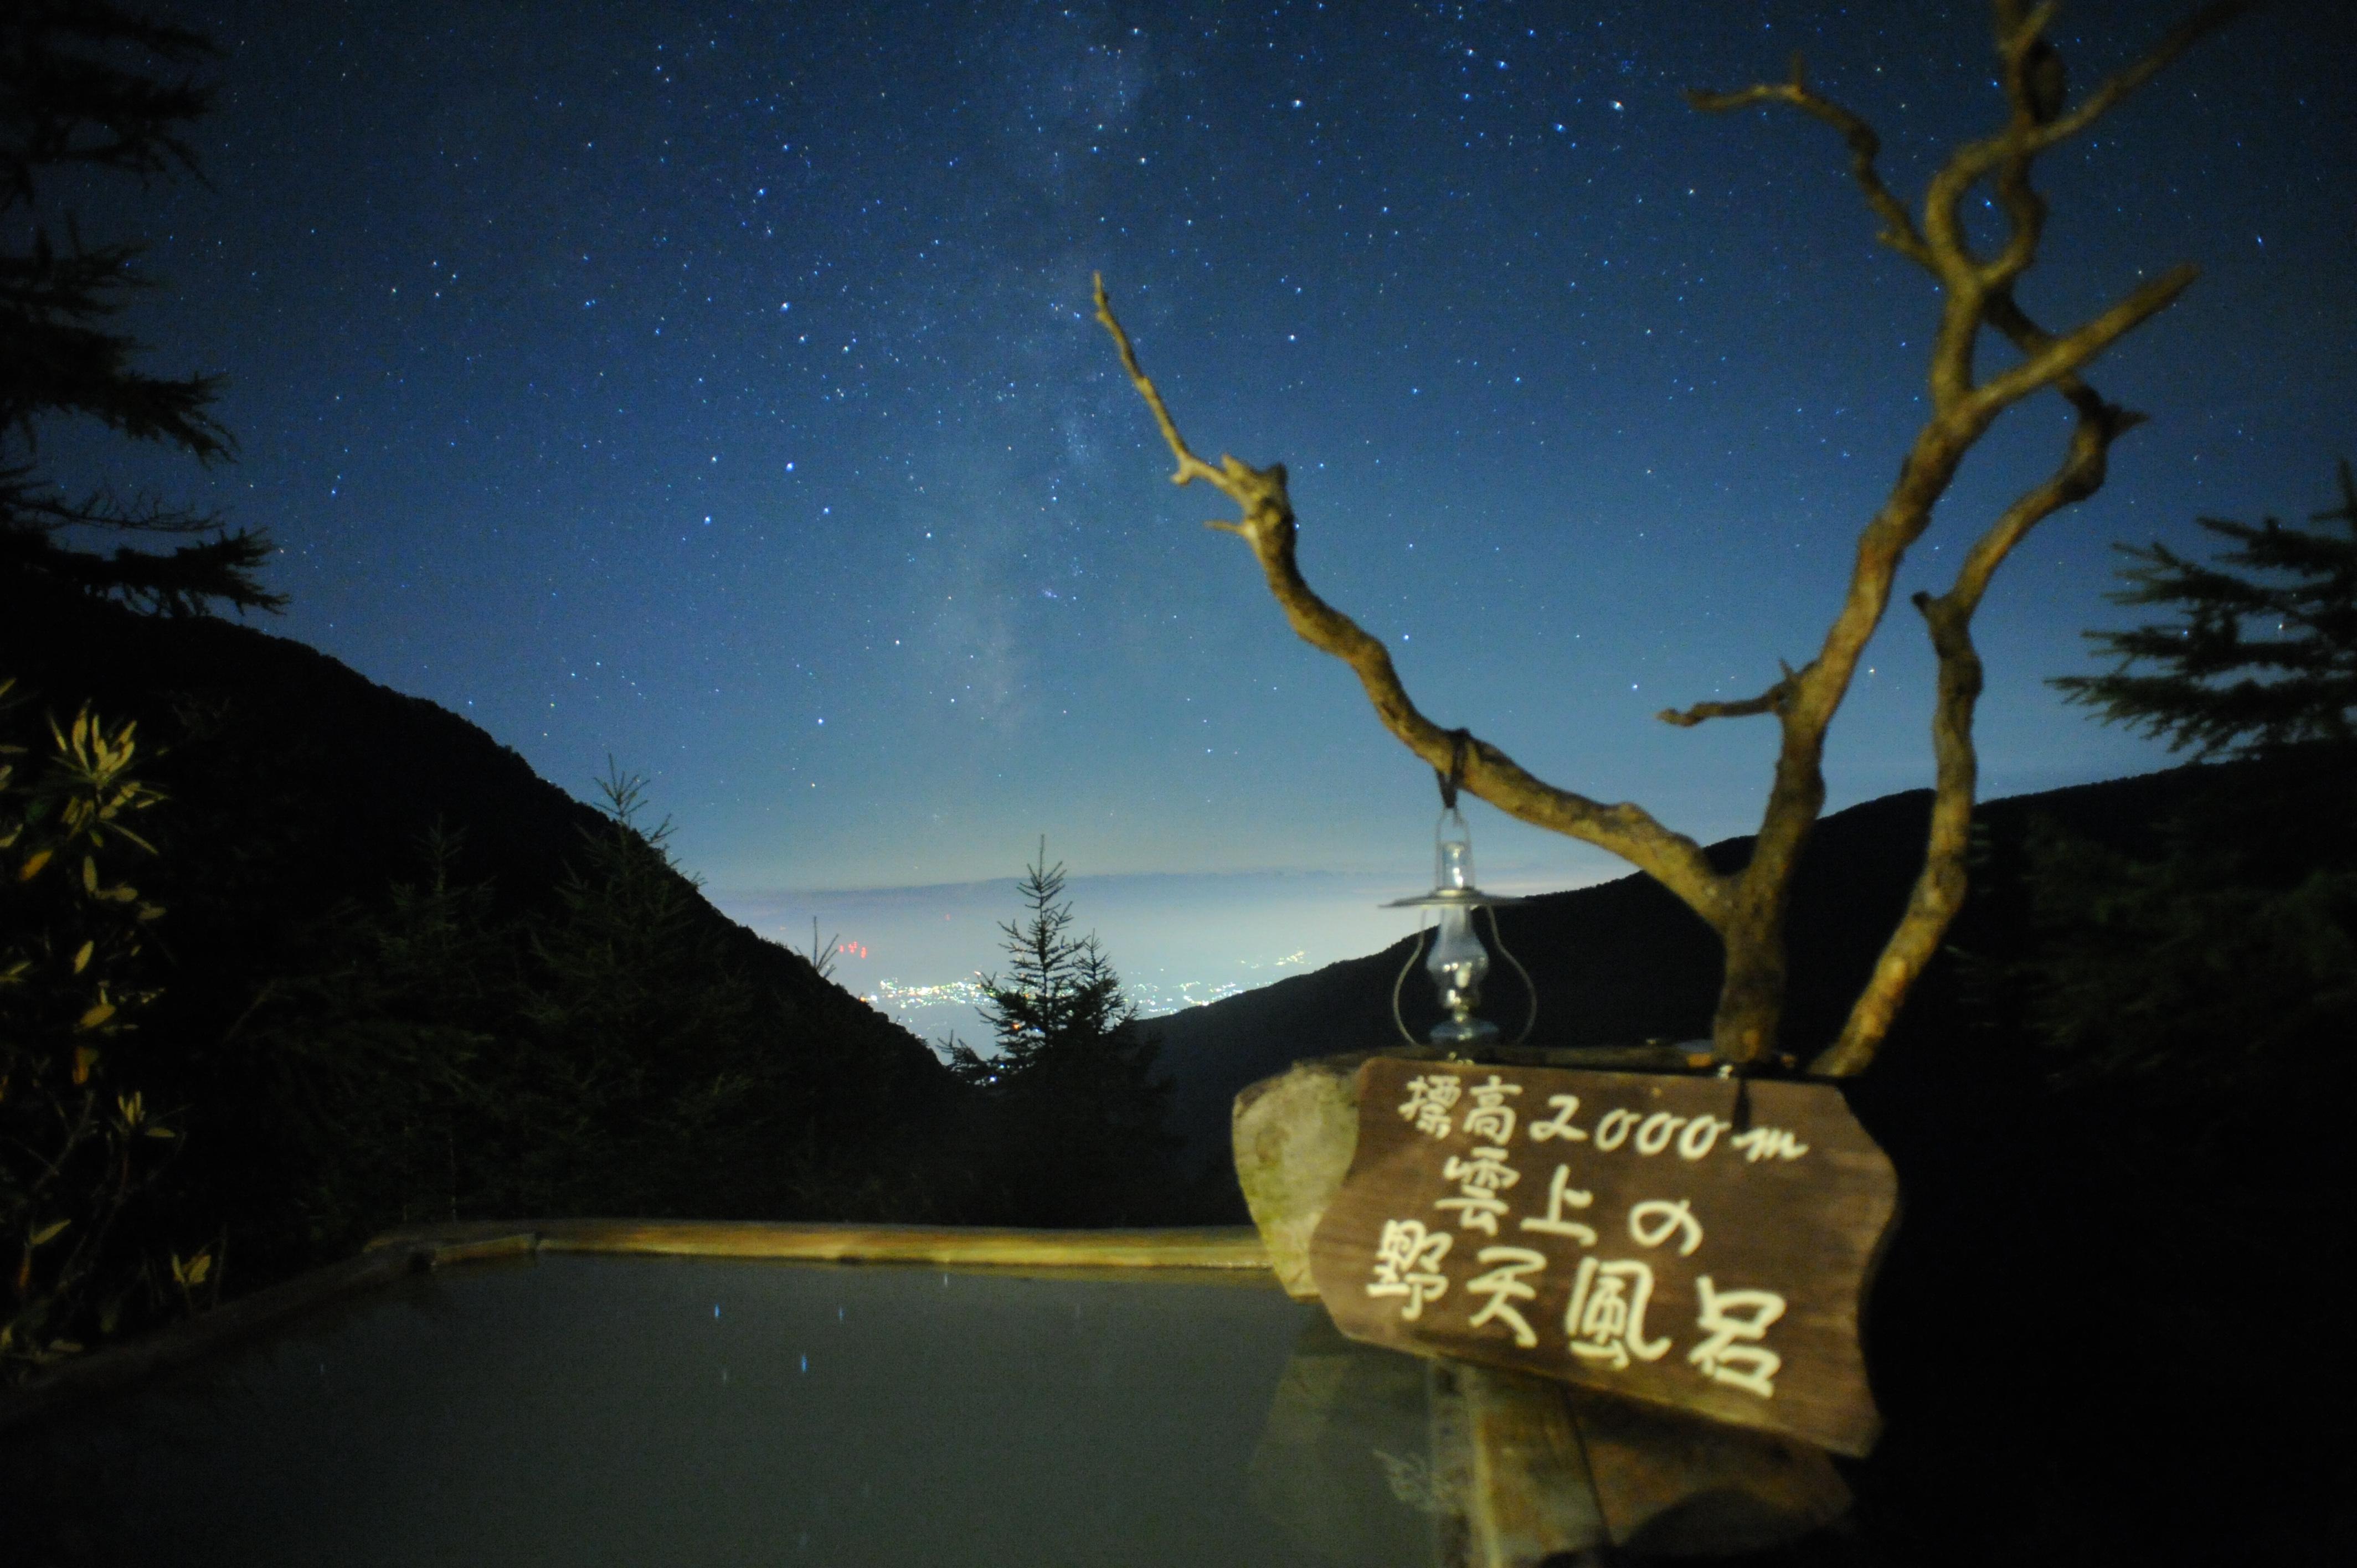 星と野天風呂 044 (2)